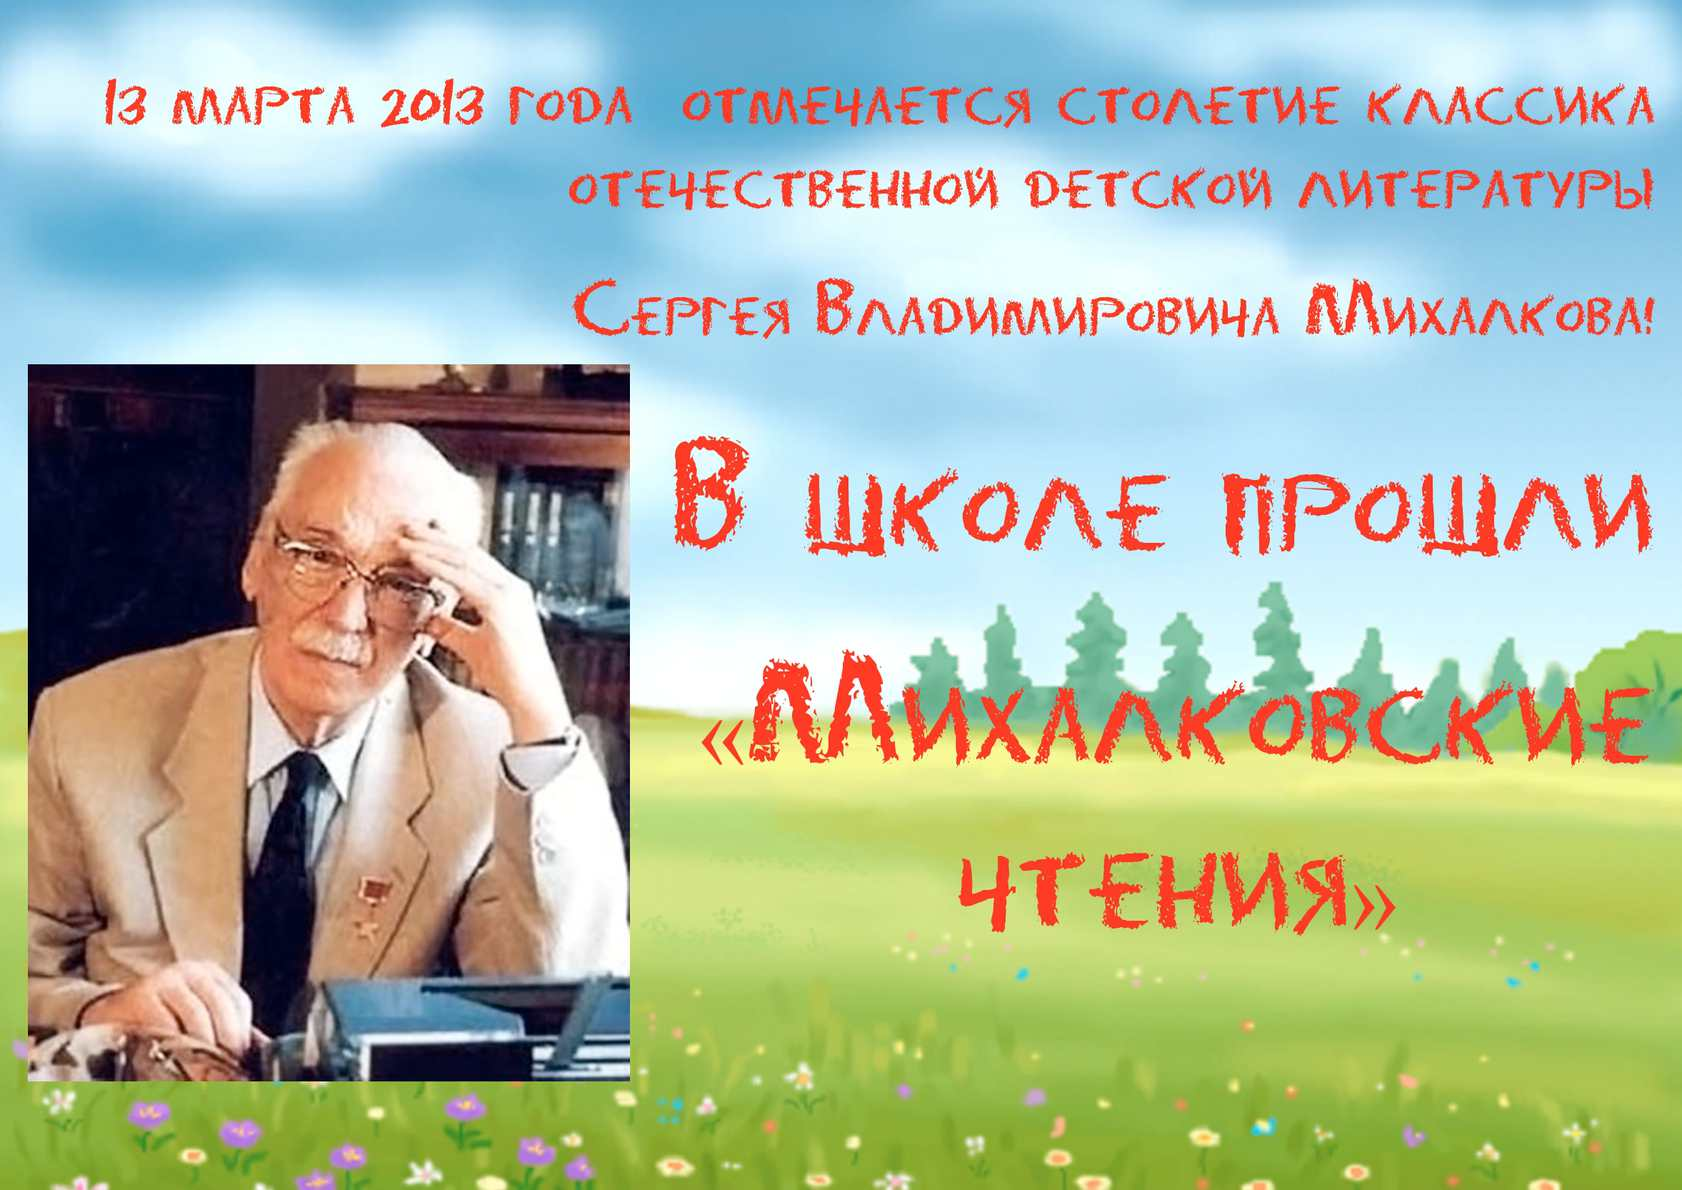 Михалковские чтения